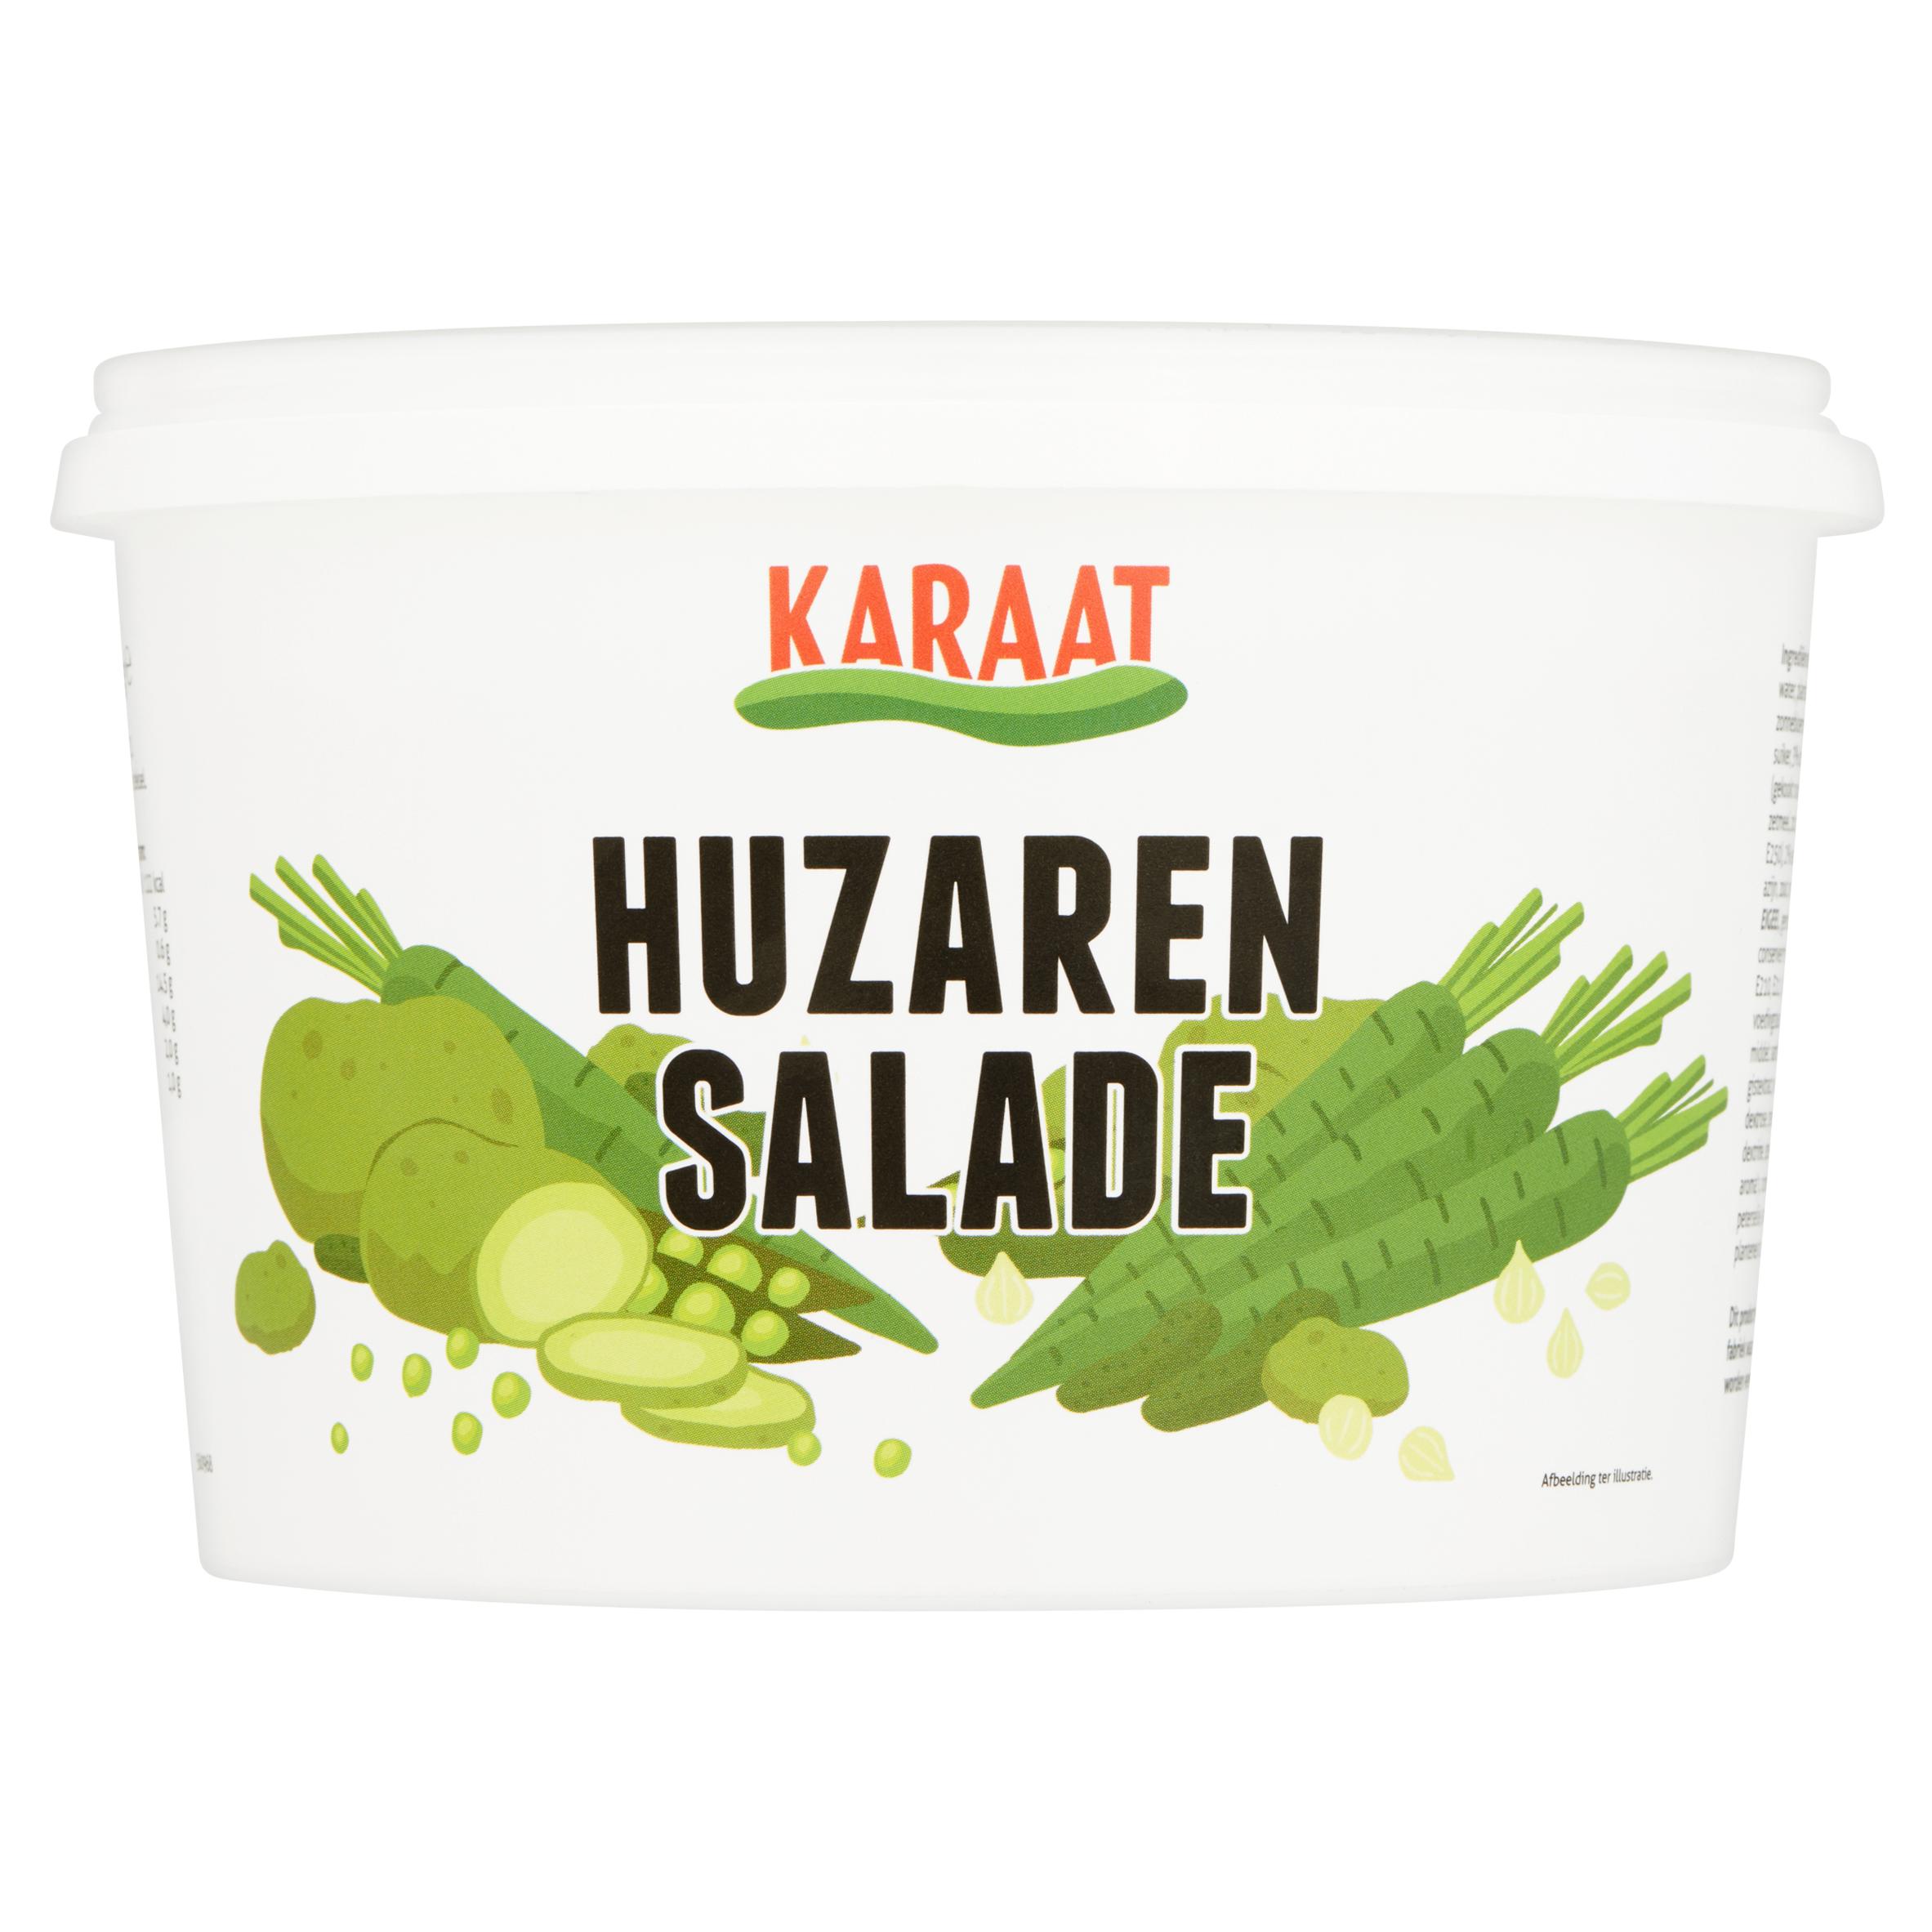 Karaat Huzaren Salade 1000 g